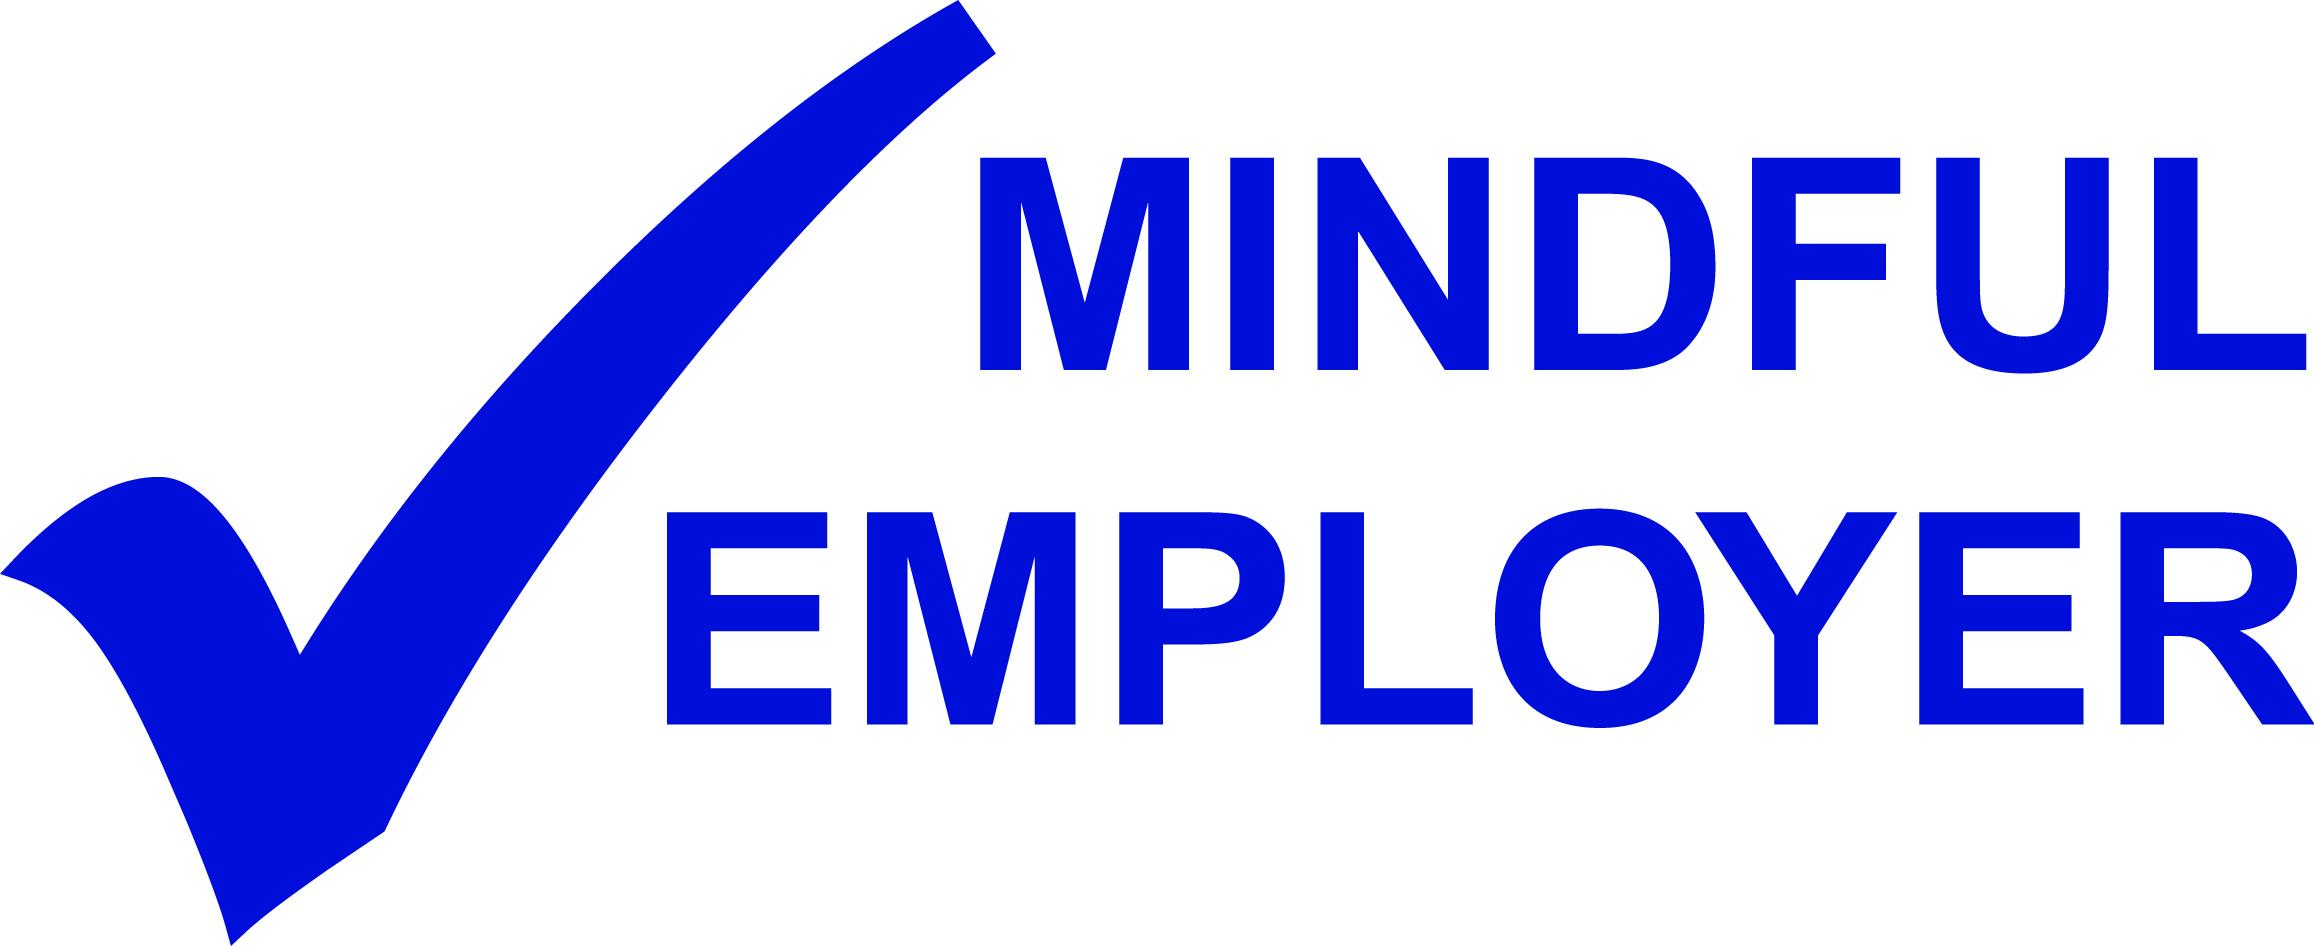 Mindful Employer logo blue jpeg